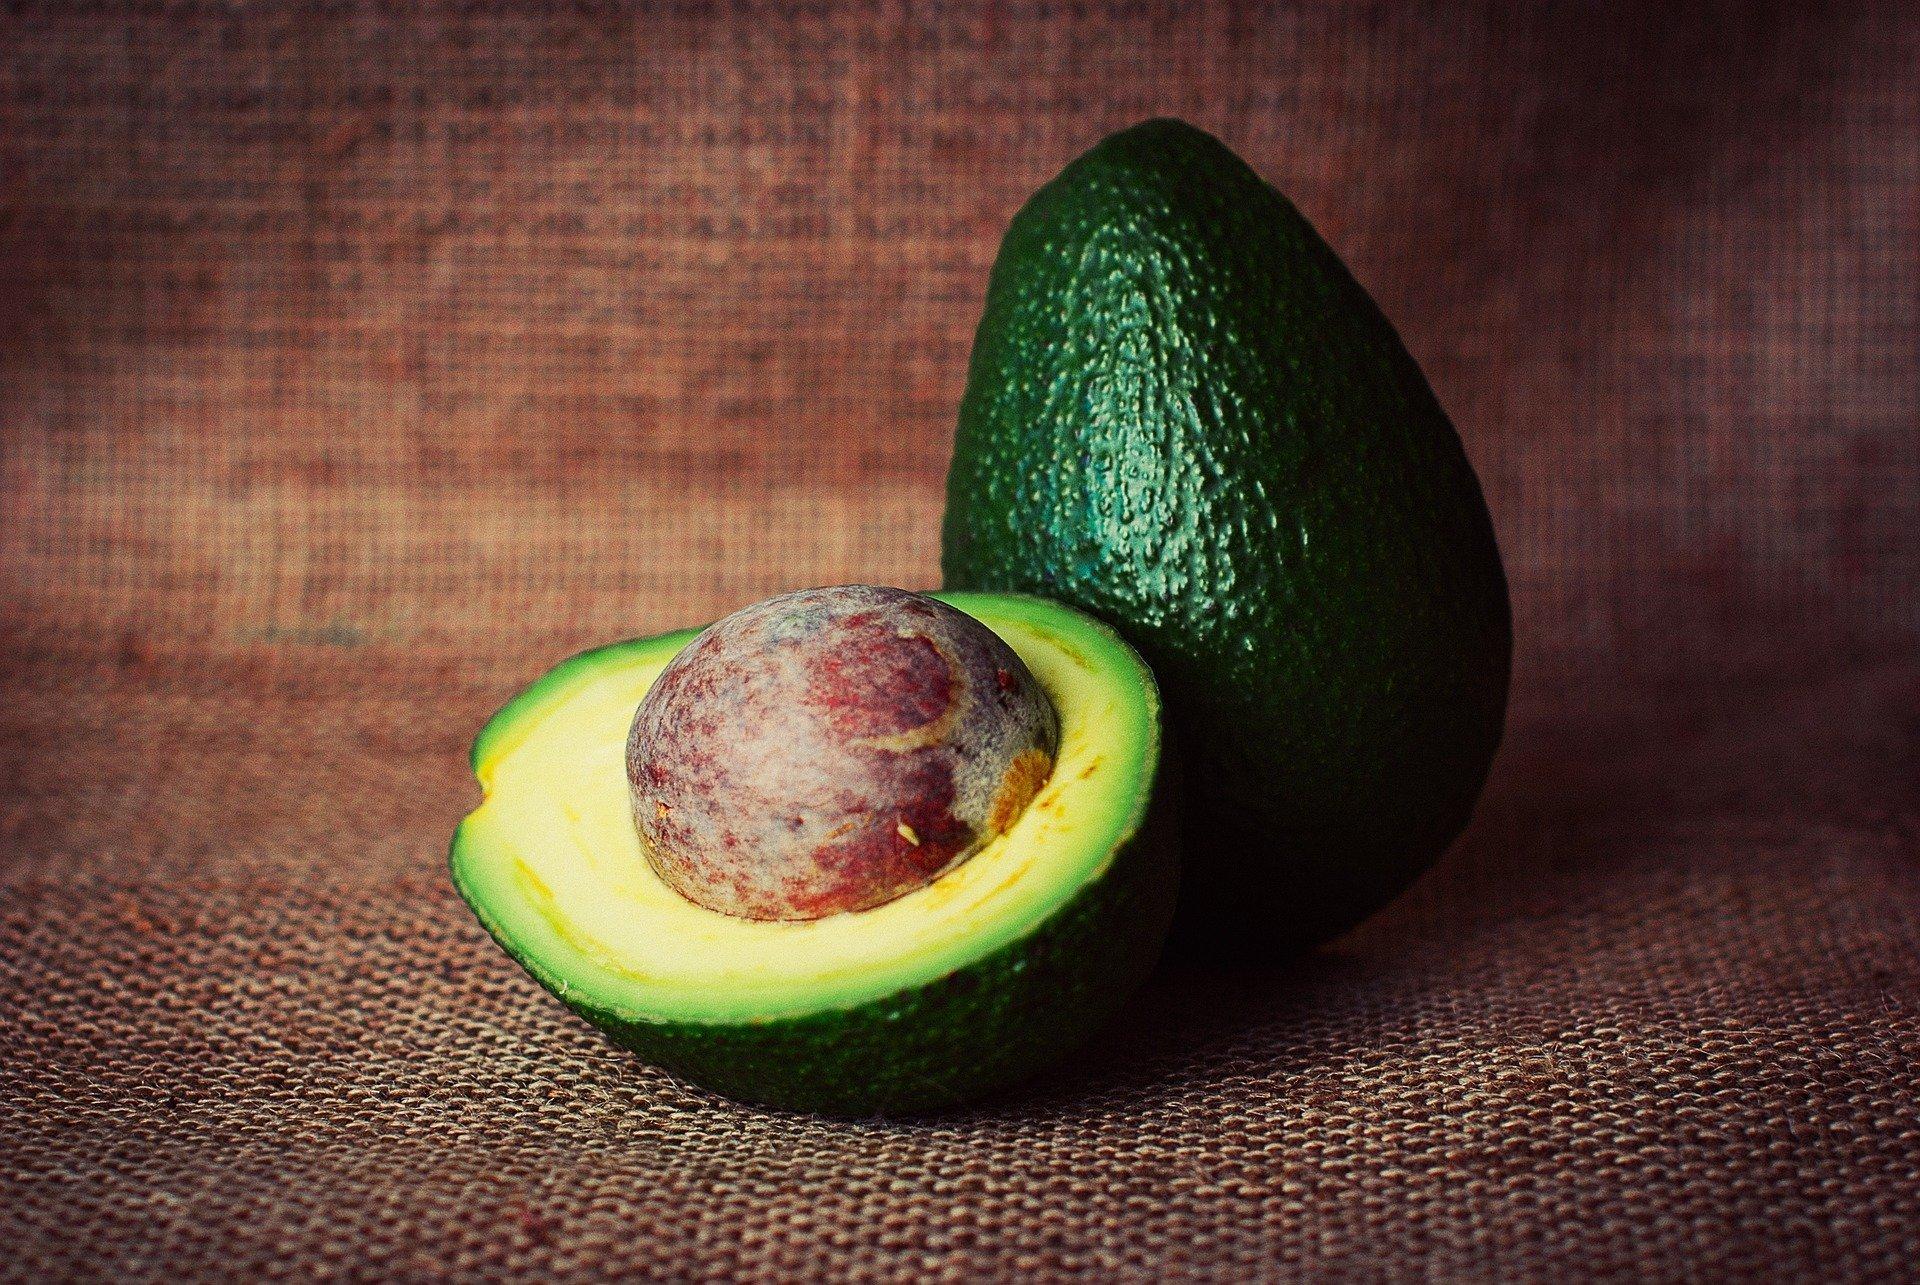 Любой продукт состоит из четырех макроэлементов: углеводы, жиры, белки и спирты.